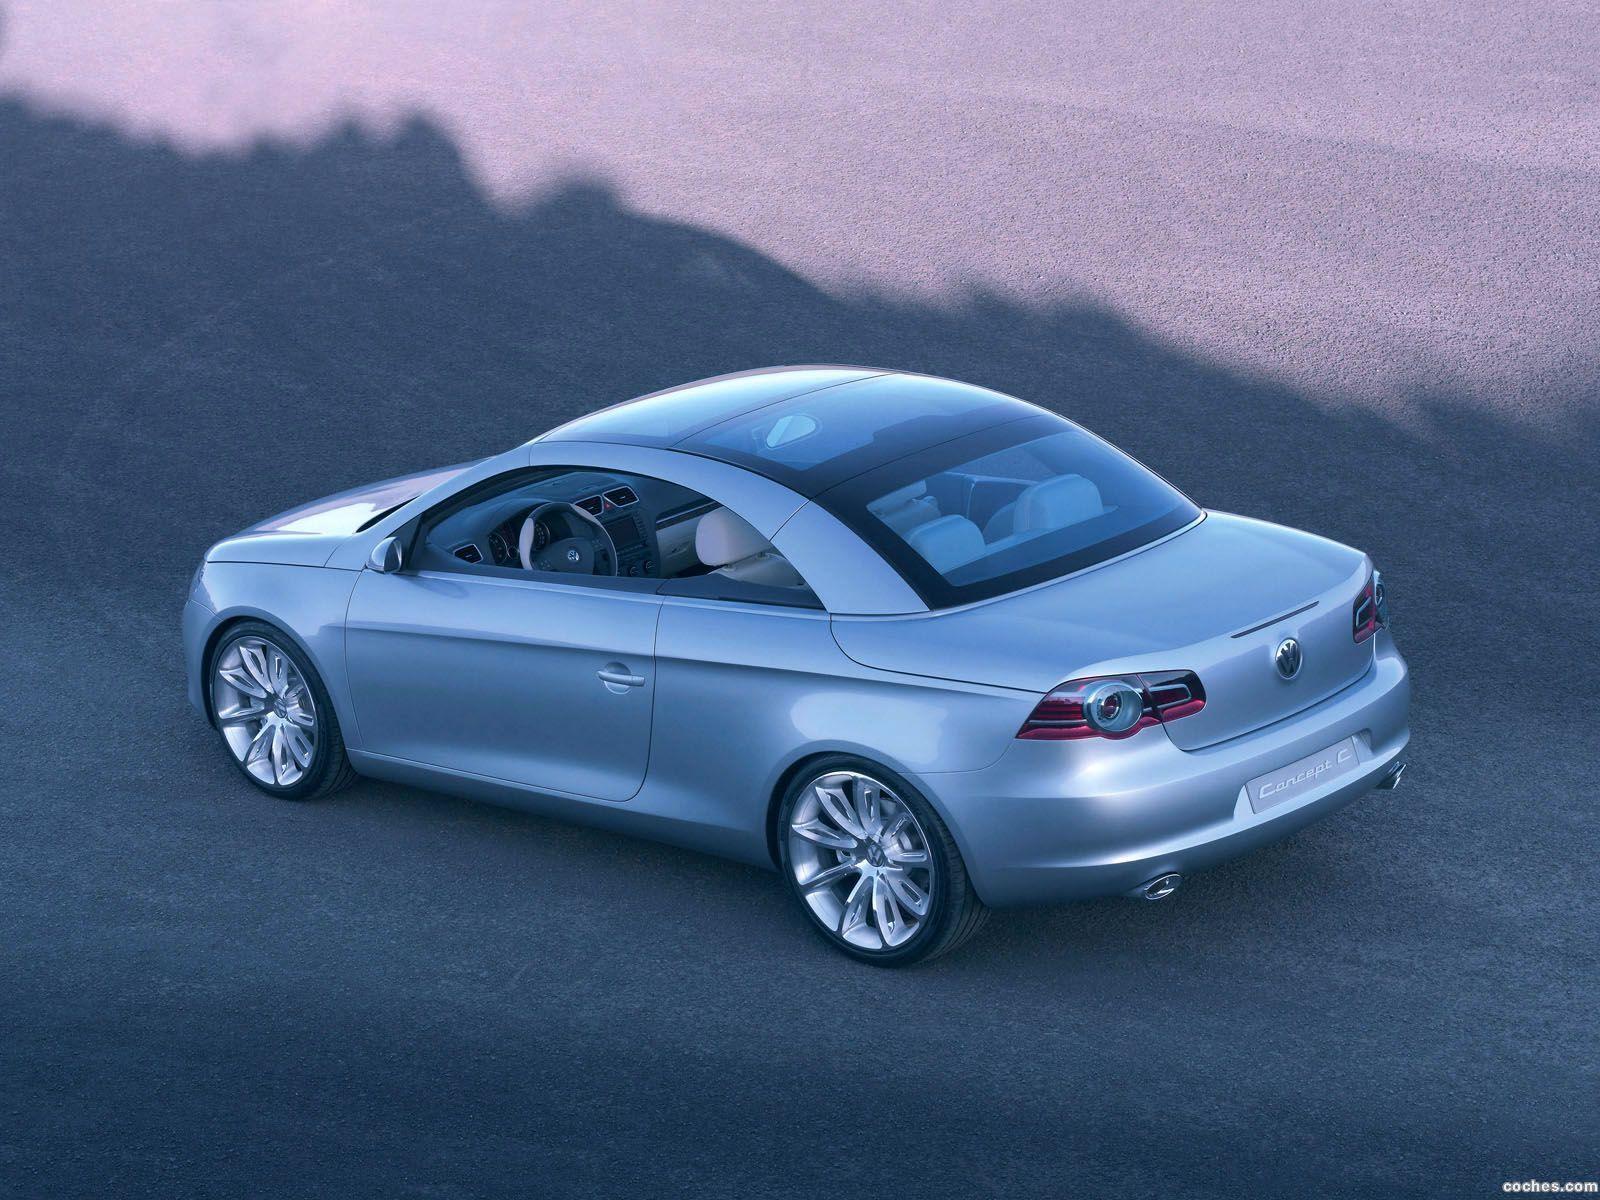 Foto 3 de Volkswagen Concept C 2004